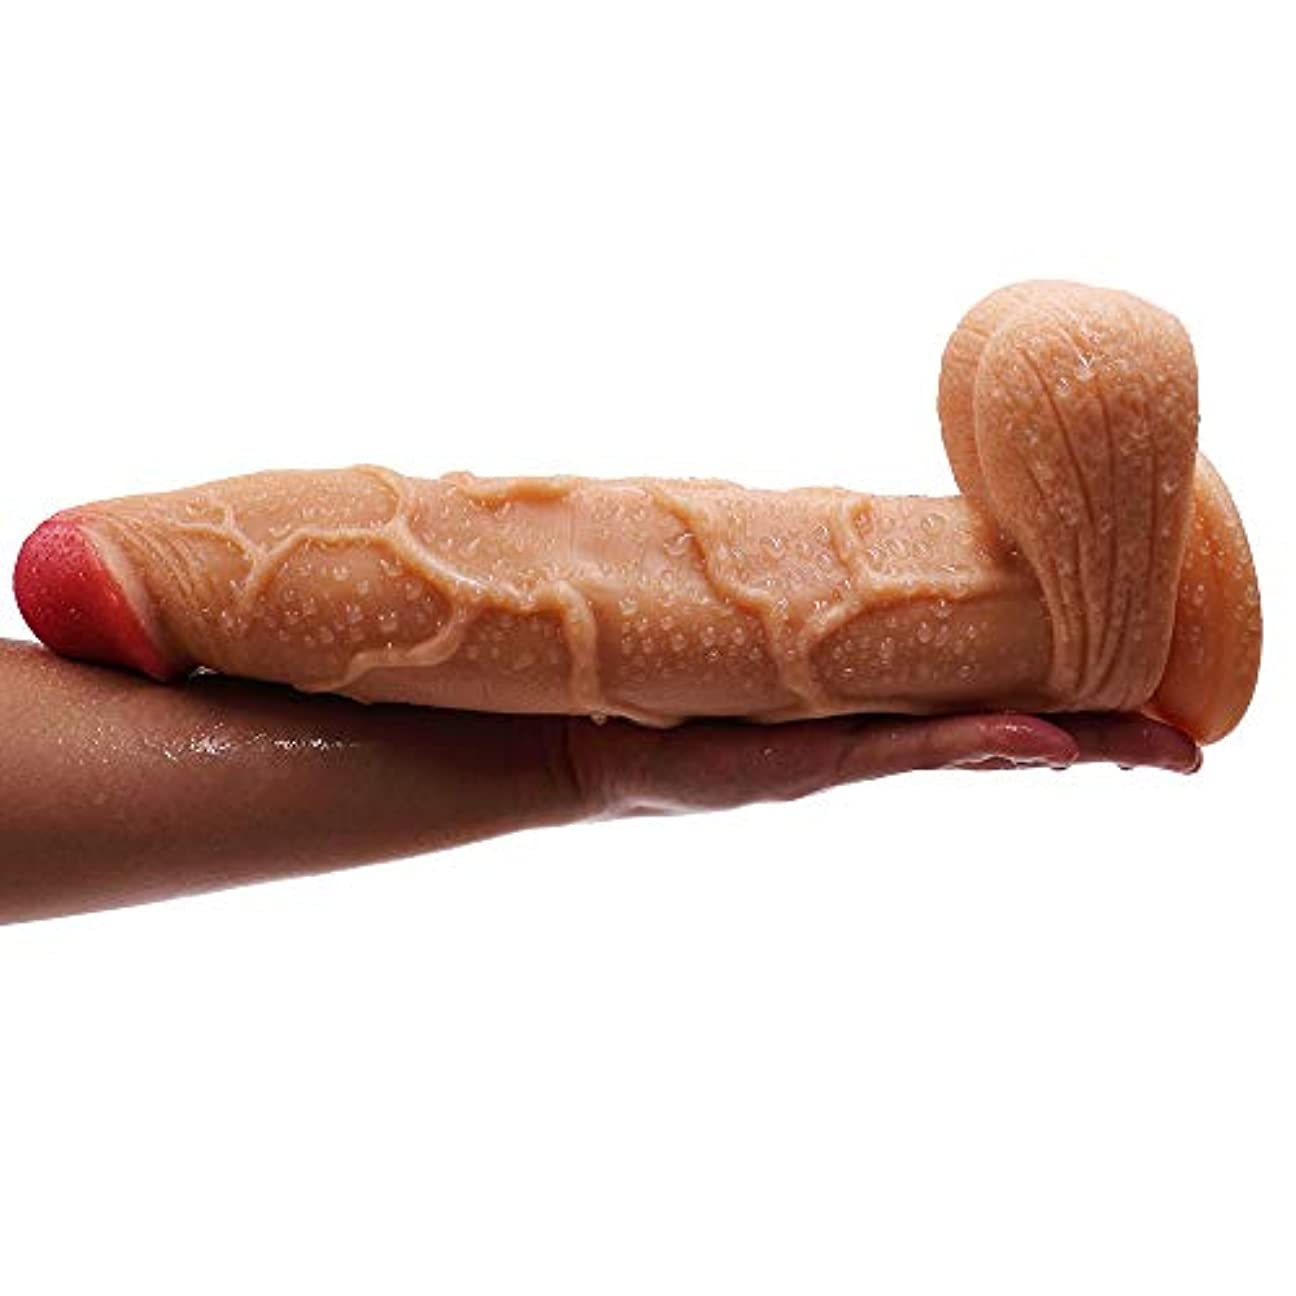 見捨てる慈善定数11.8インチの巨大な長い手無料女性個人的な現実的な大きなモンスターワンド肉の楽しさ-肉-xihongshidanhuatang